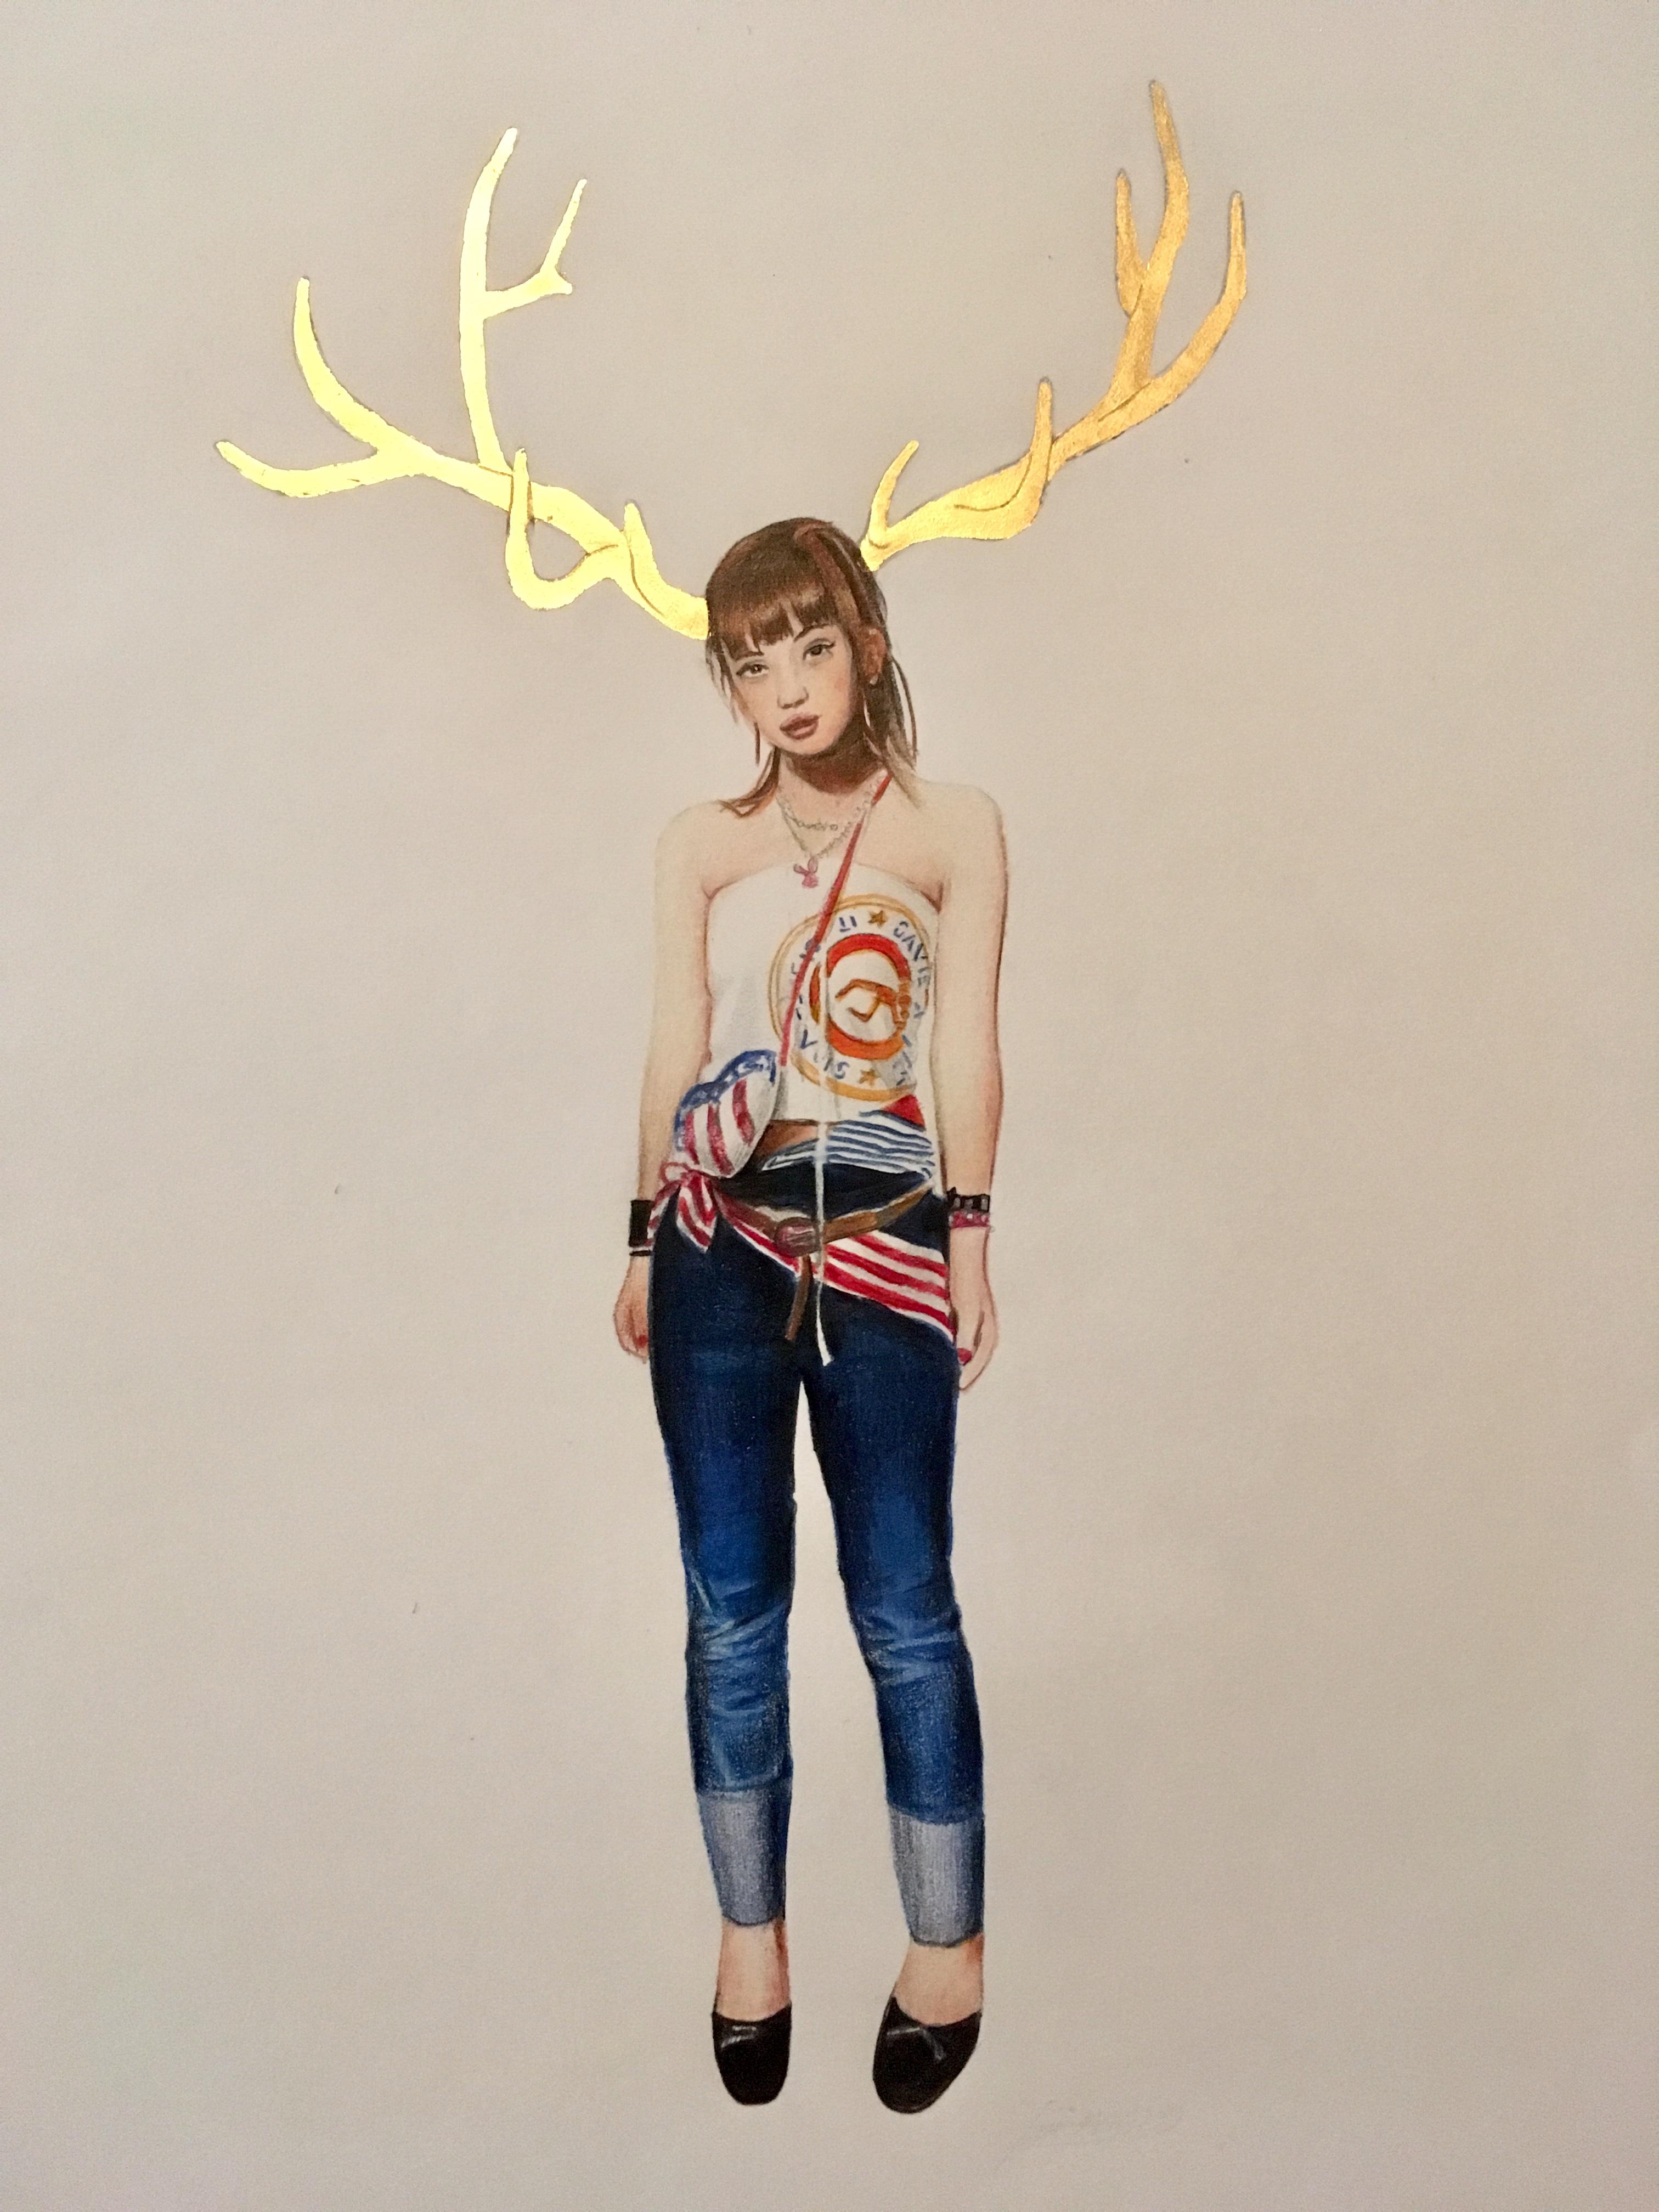 Zoe Moss